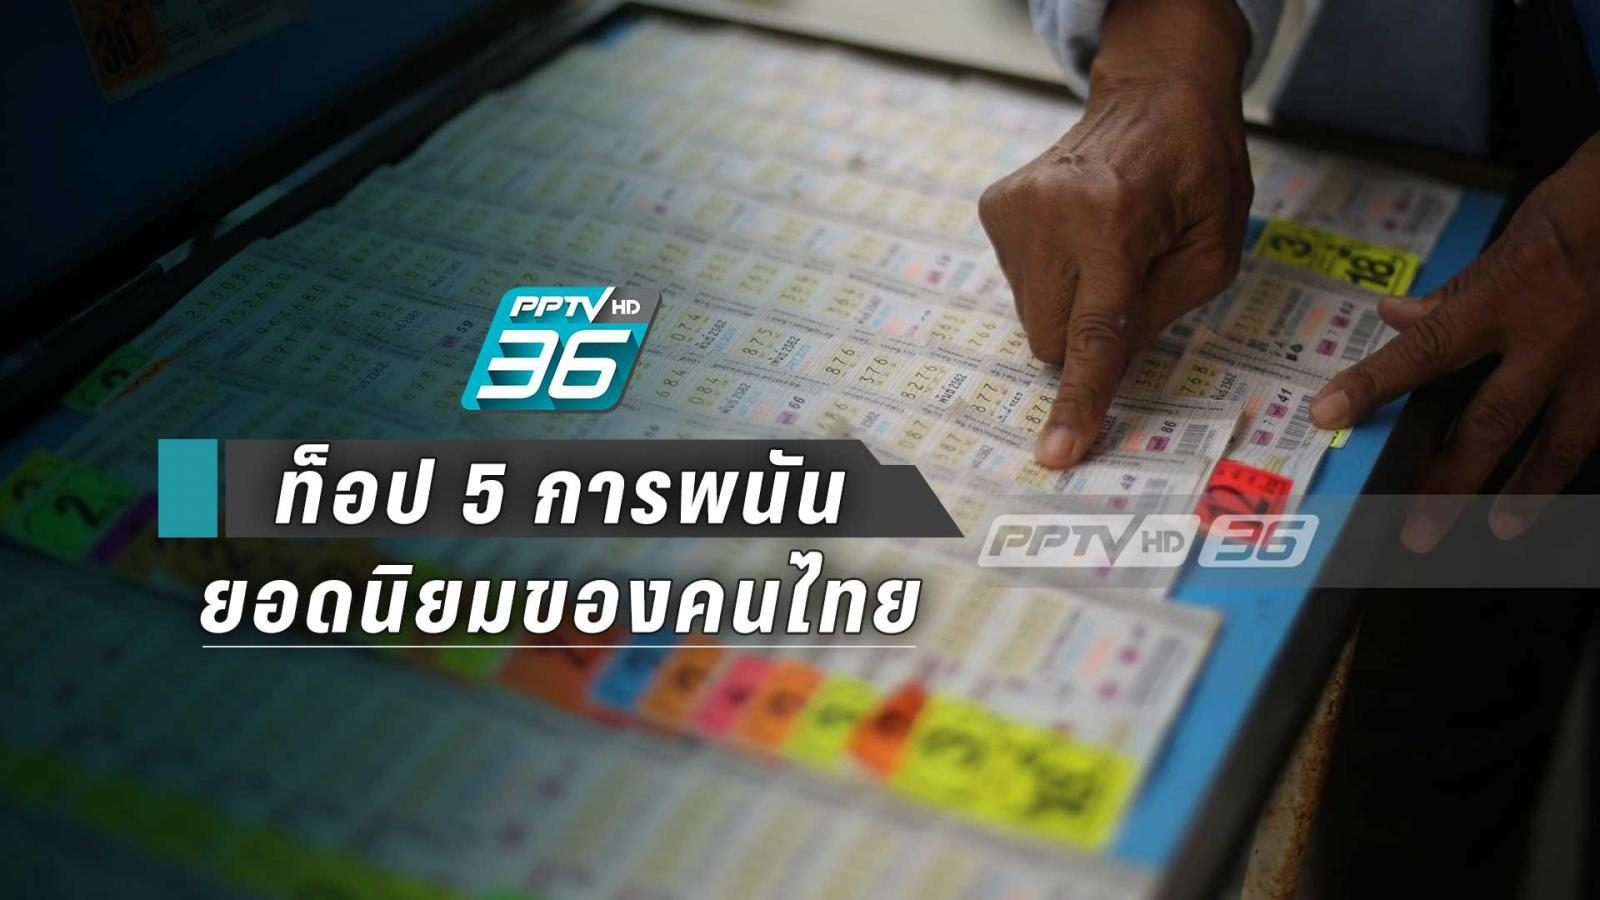 ท็อป 5 การพนันยอดนิยมของคนไทย ลอตเตอรี่ อันดับ 1